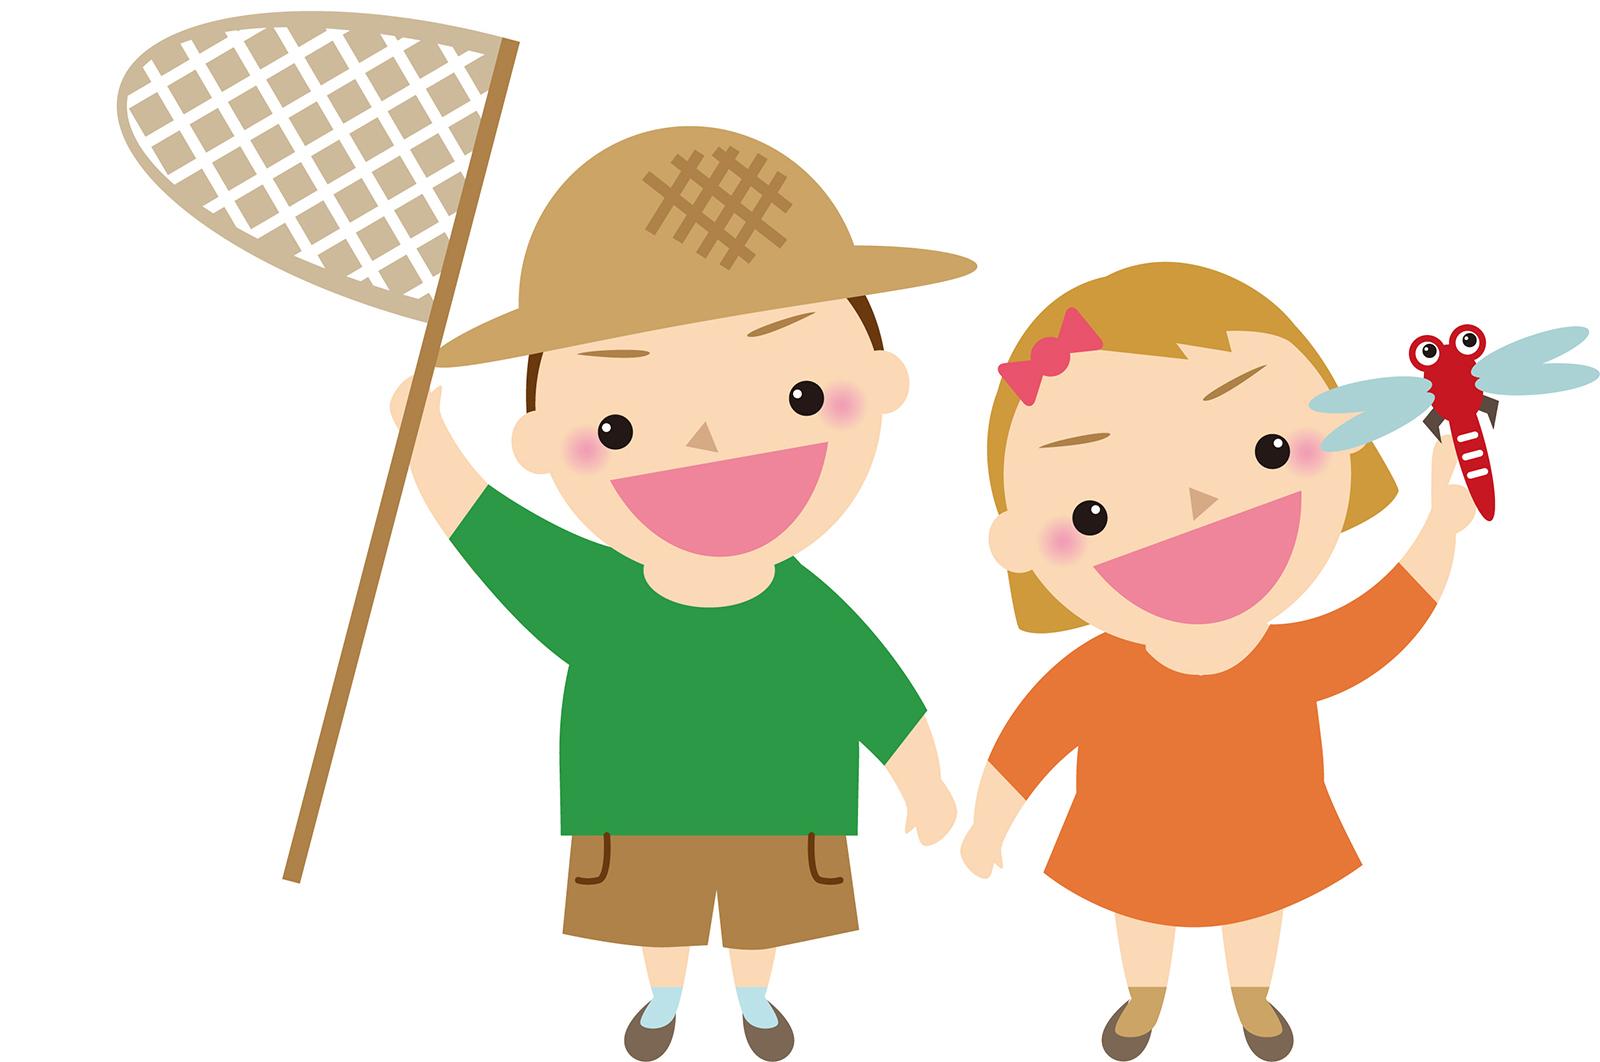 発達障害の子ども達の兄弟姉妹関係で気をつけたいこと